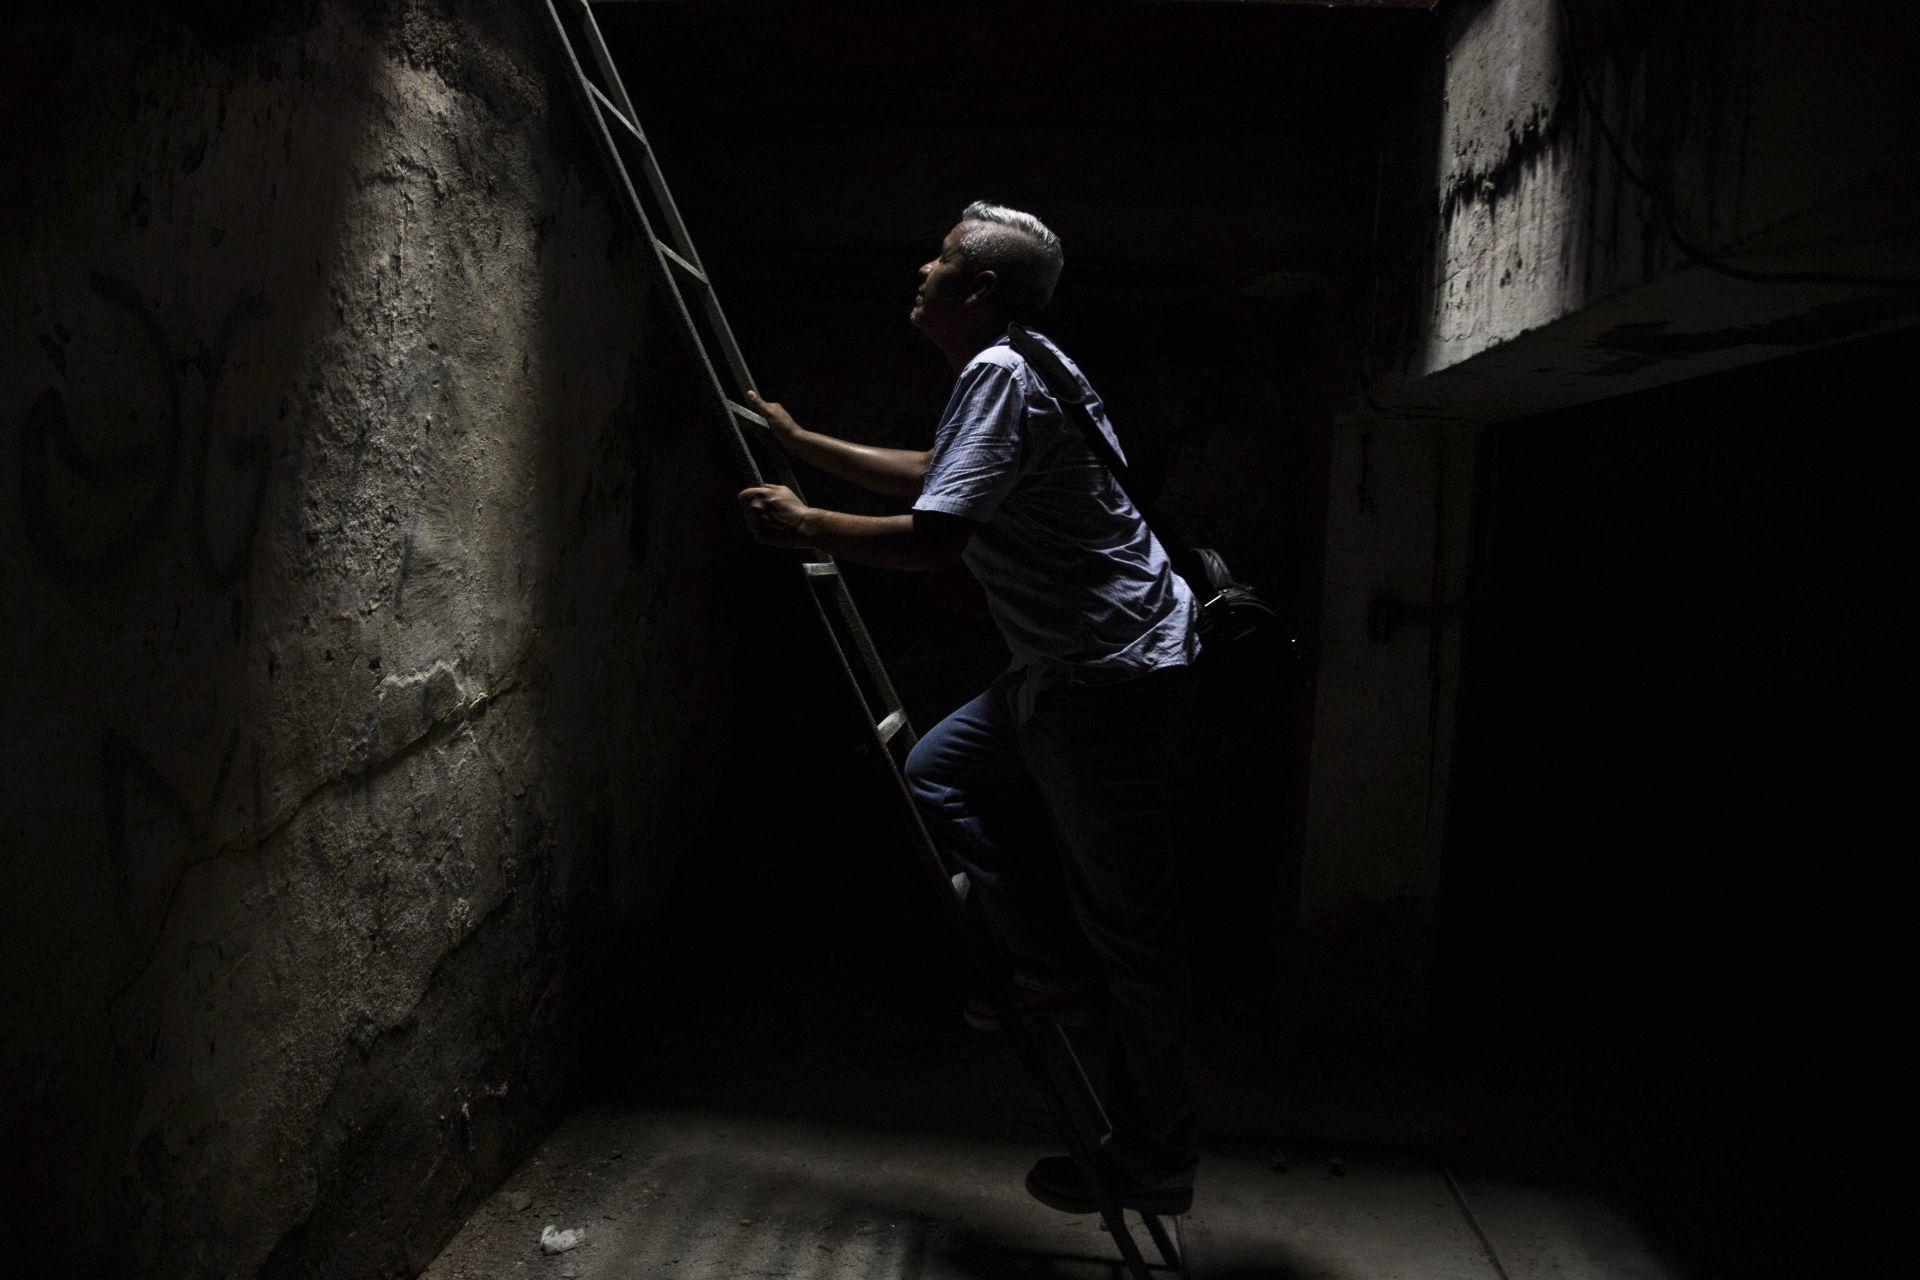 ¡Tiembla Chapo! Encuentran túnel secreto que conecta Los Pinos con Bosque de Chapultepec